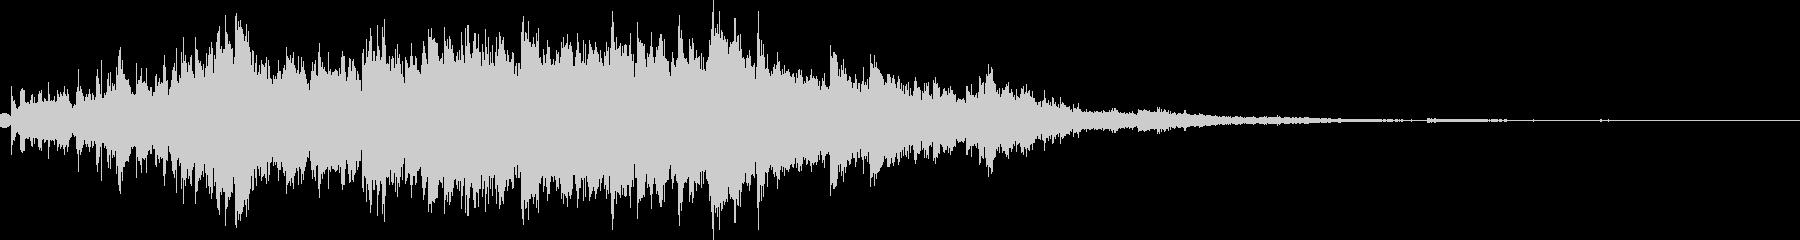 素敵な演出に綺麗なキラキラ音4(長め)の未再生の波形